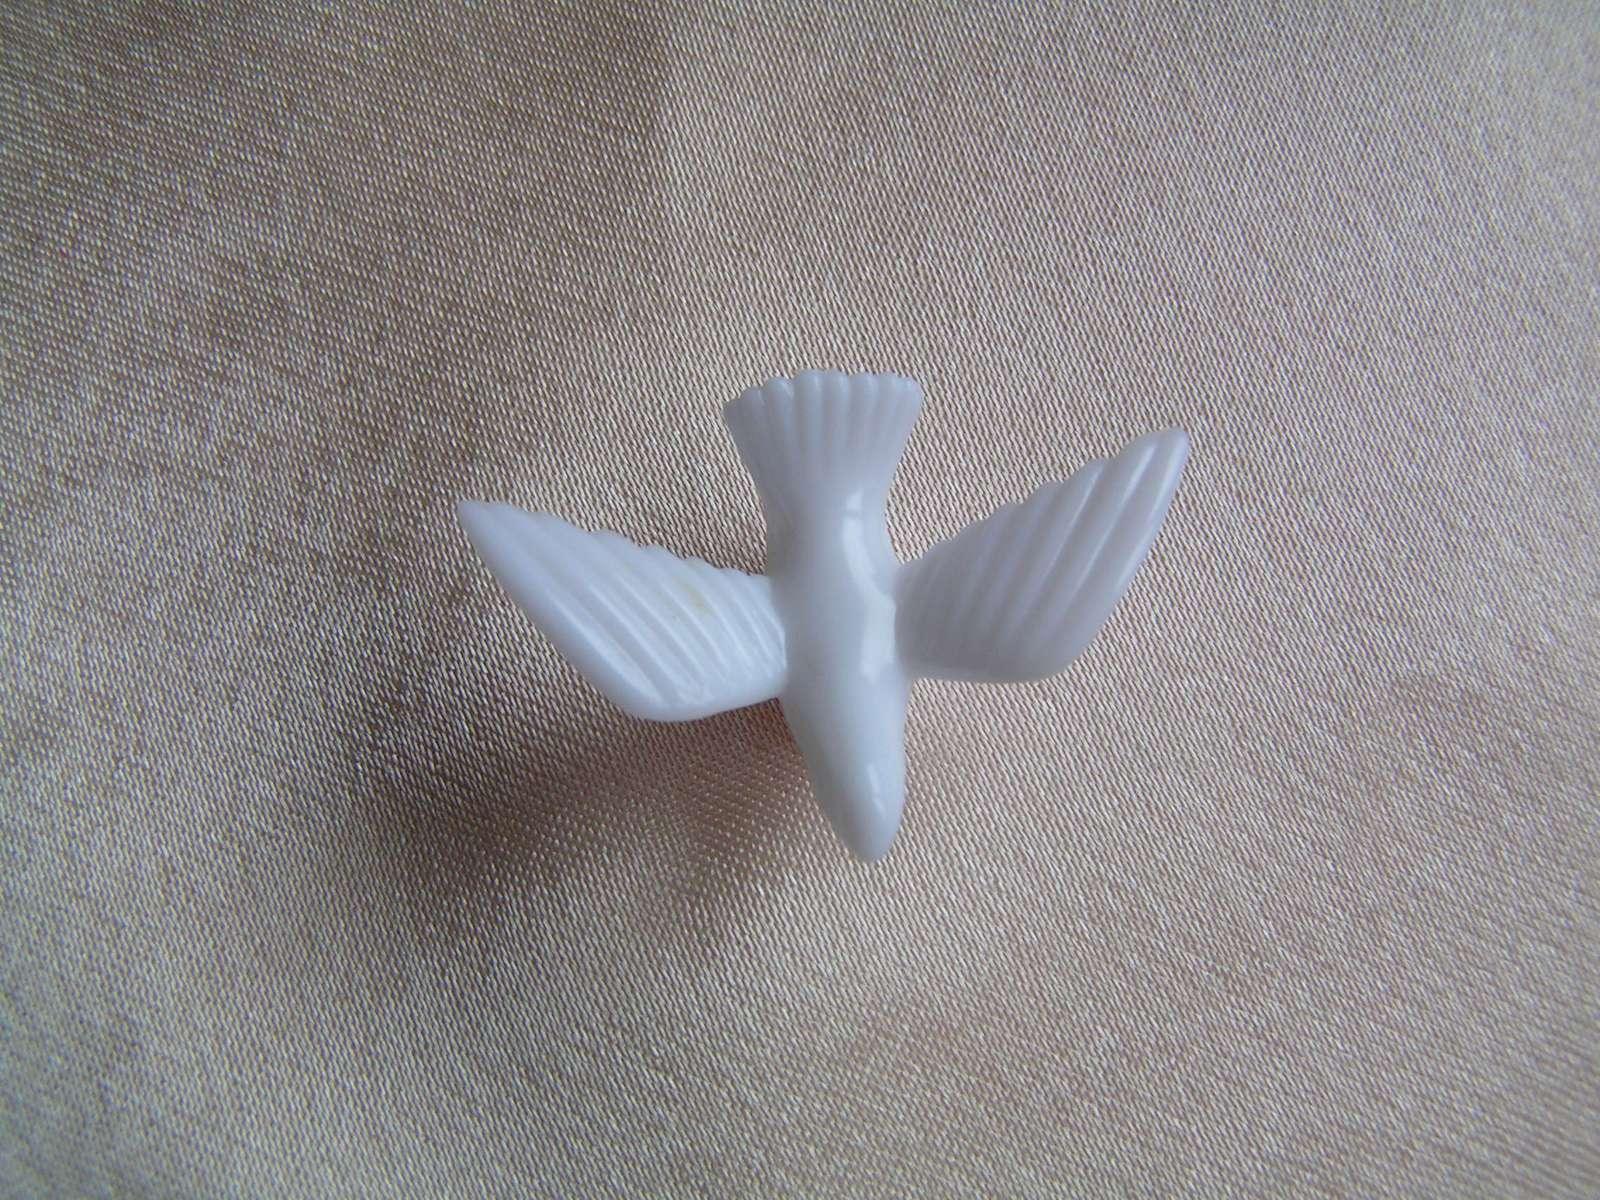 Malé bílé holubičky - Obrázek č. 2